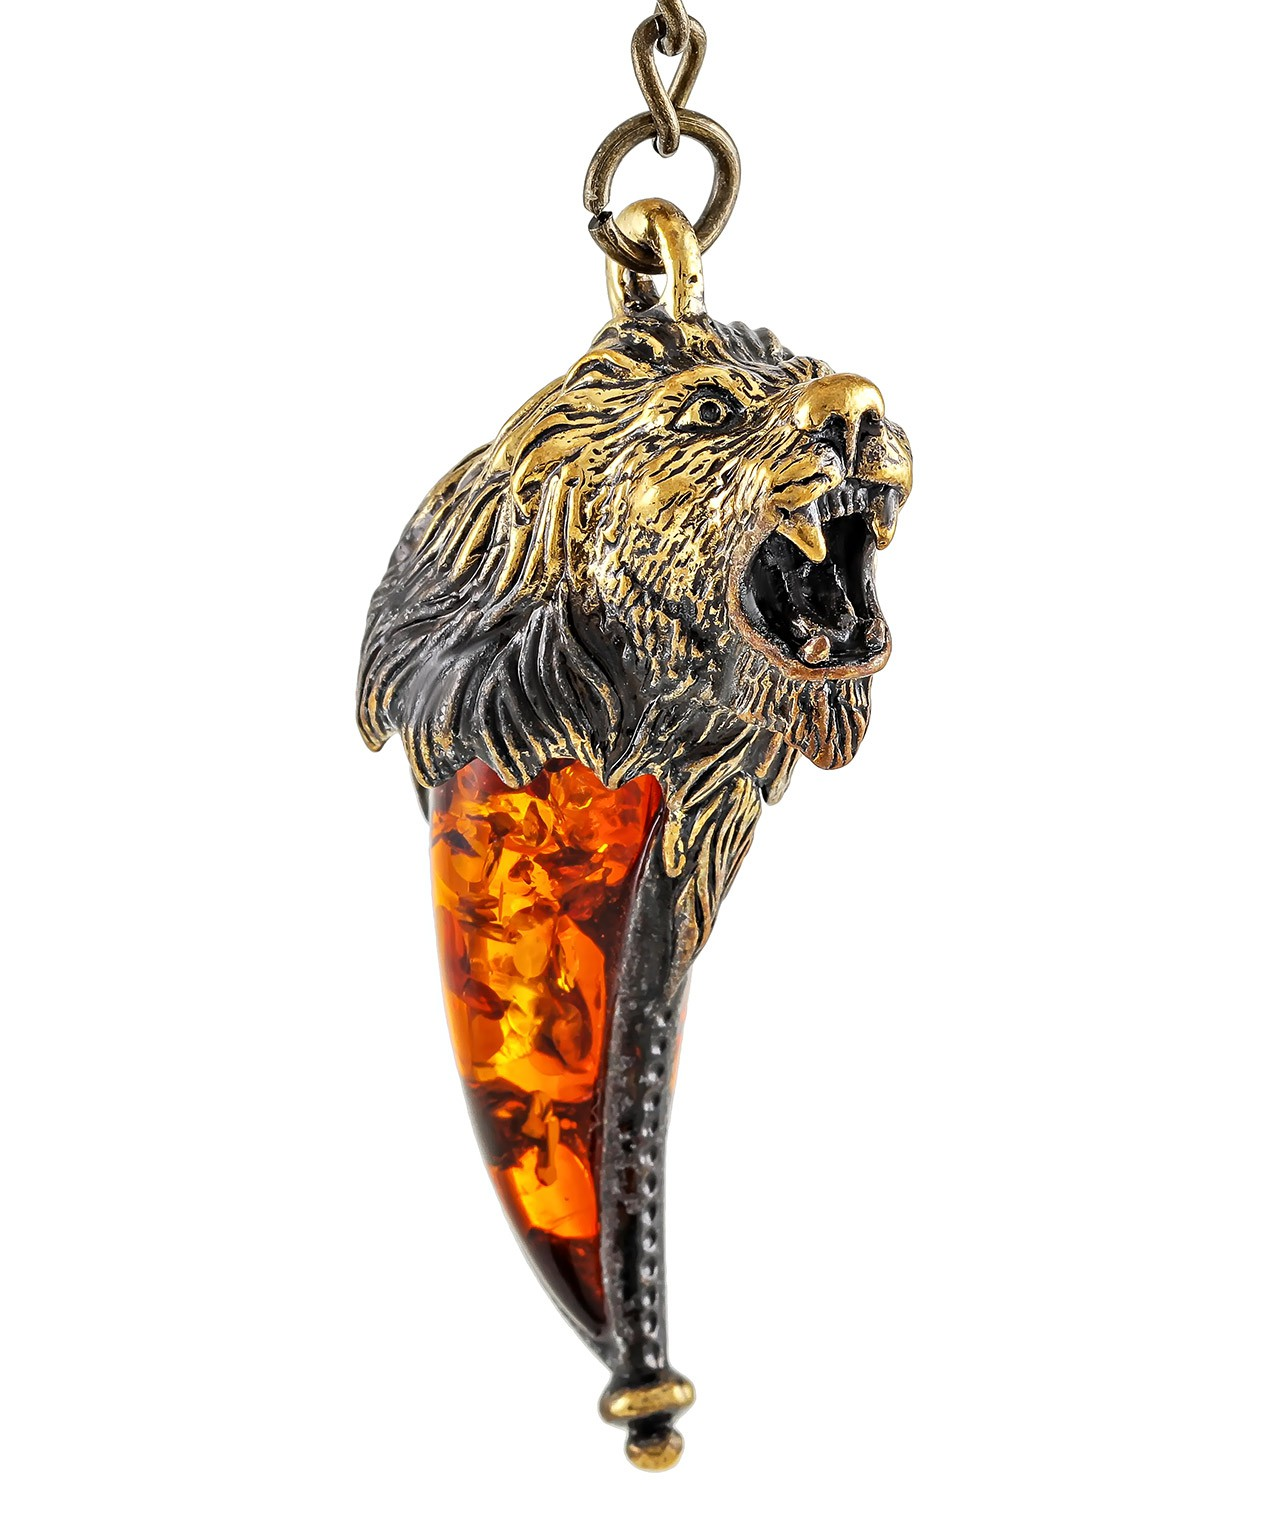 Брелок Клык Льва большой 1424